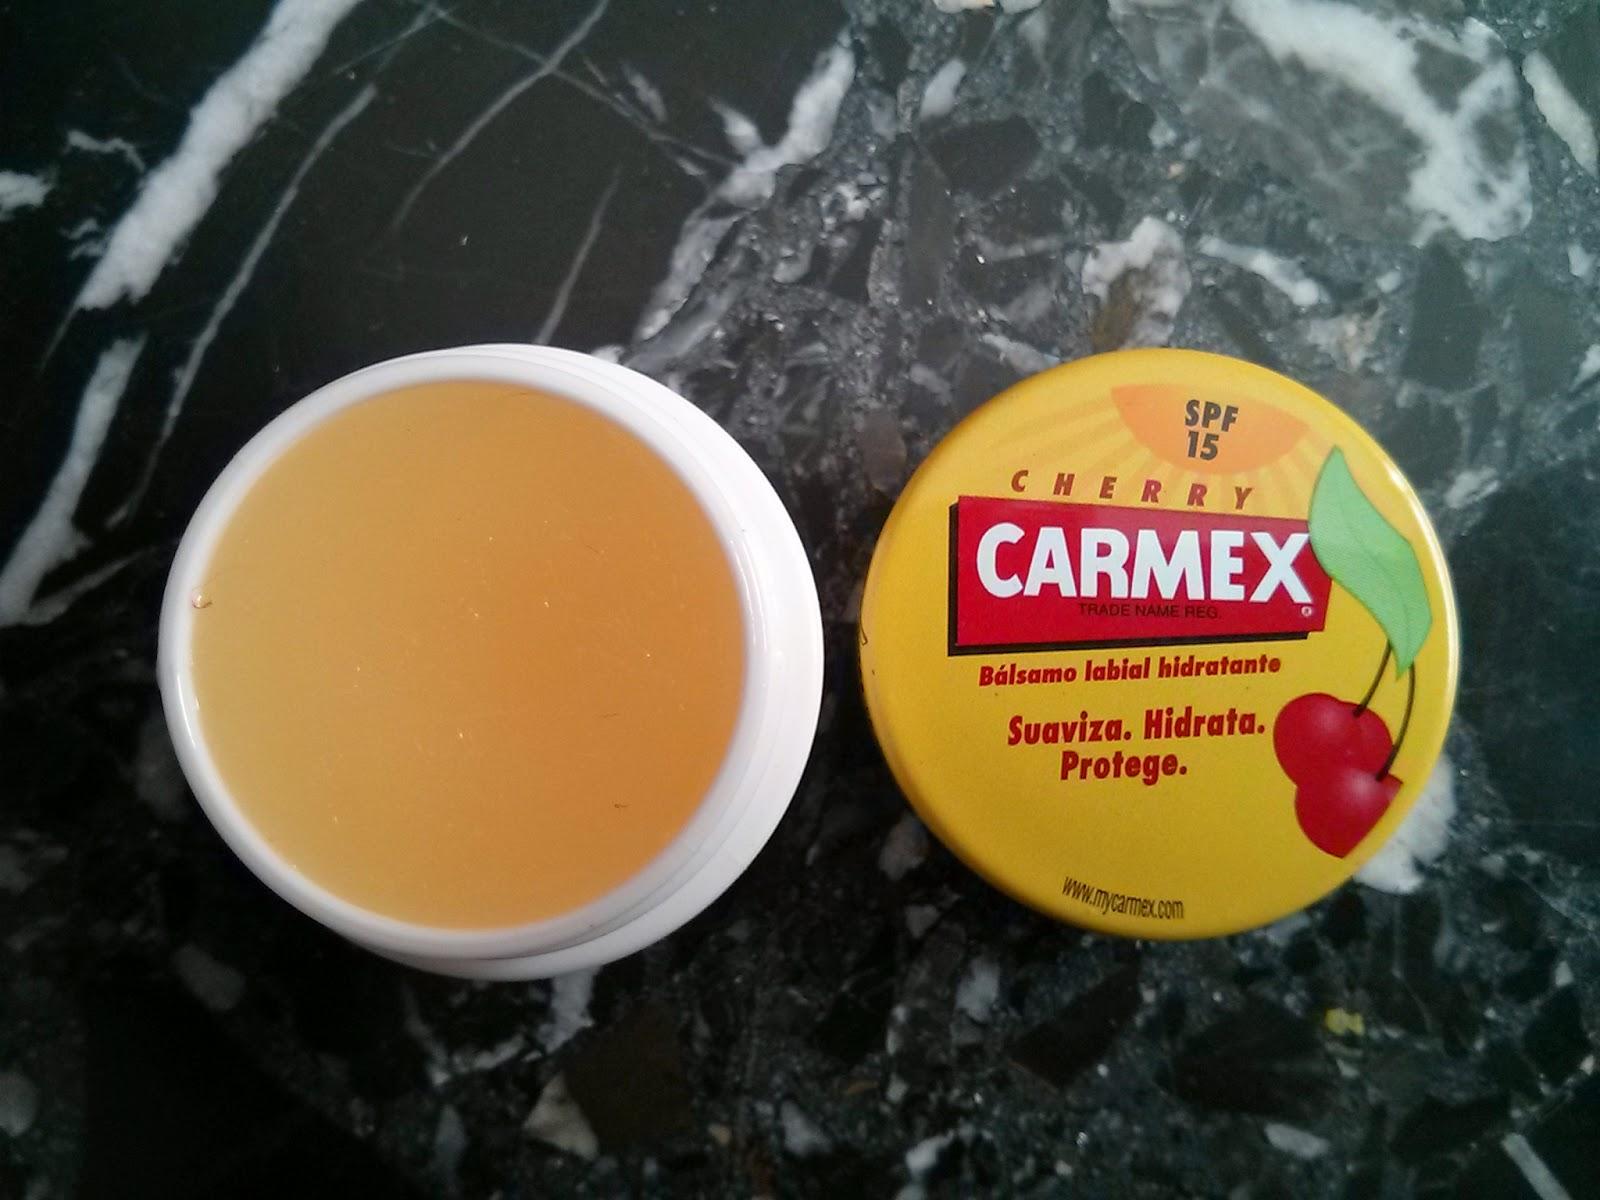 Tarro de cereza carmex